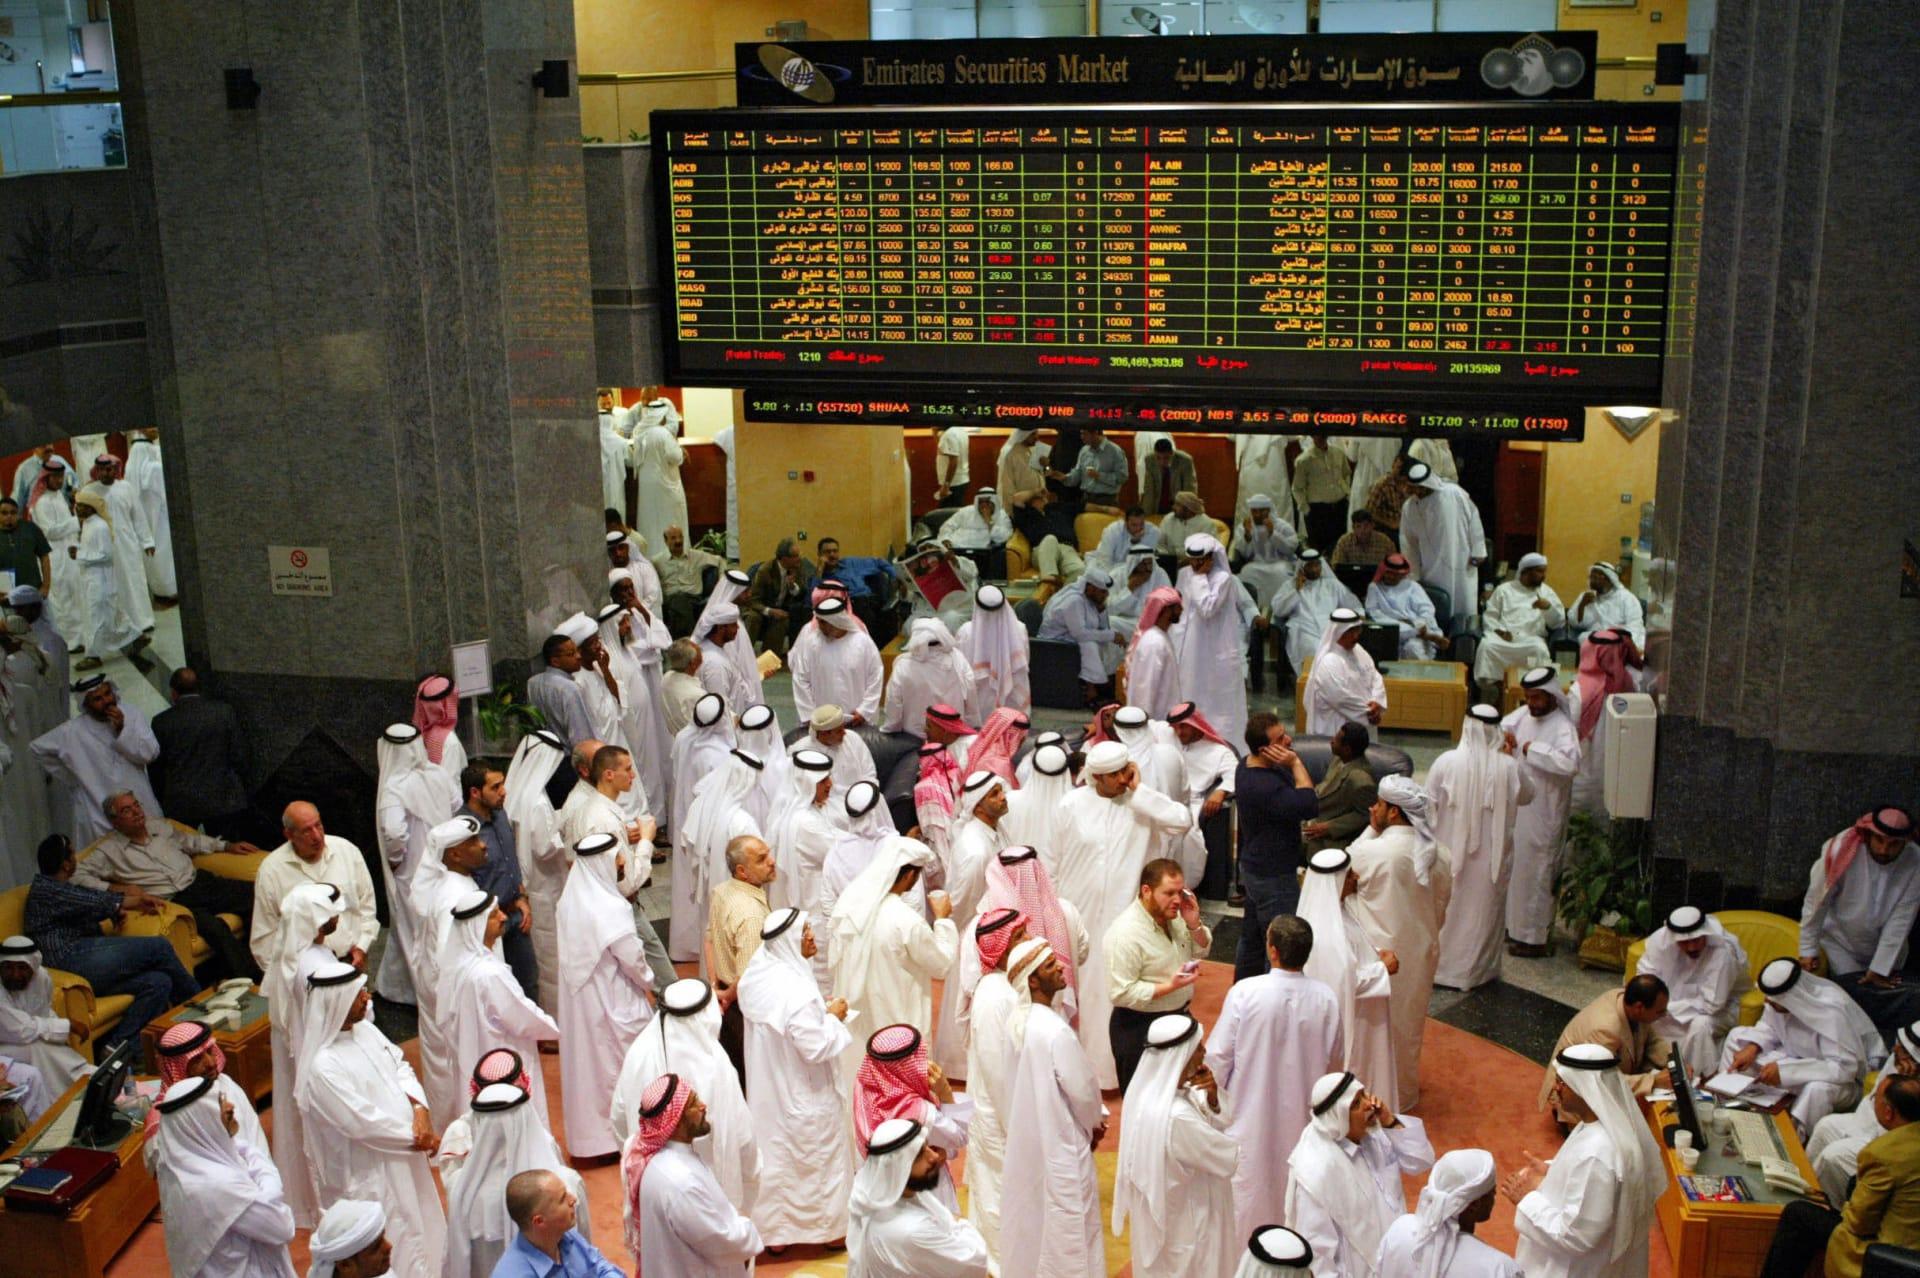 مكاسب قوية للأسهم السعودية وأبوظبي يقفز لأعلى مستوى في 13 عاما